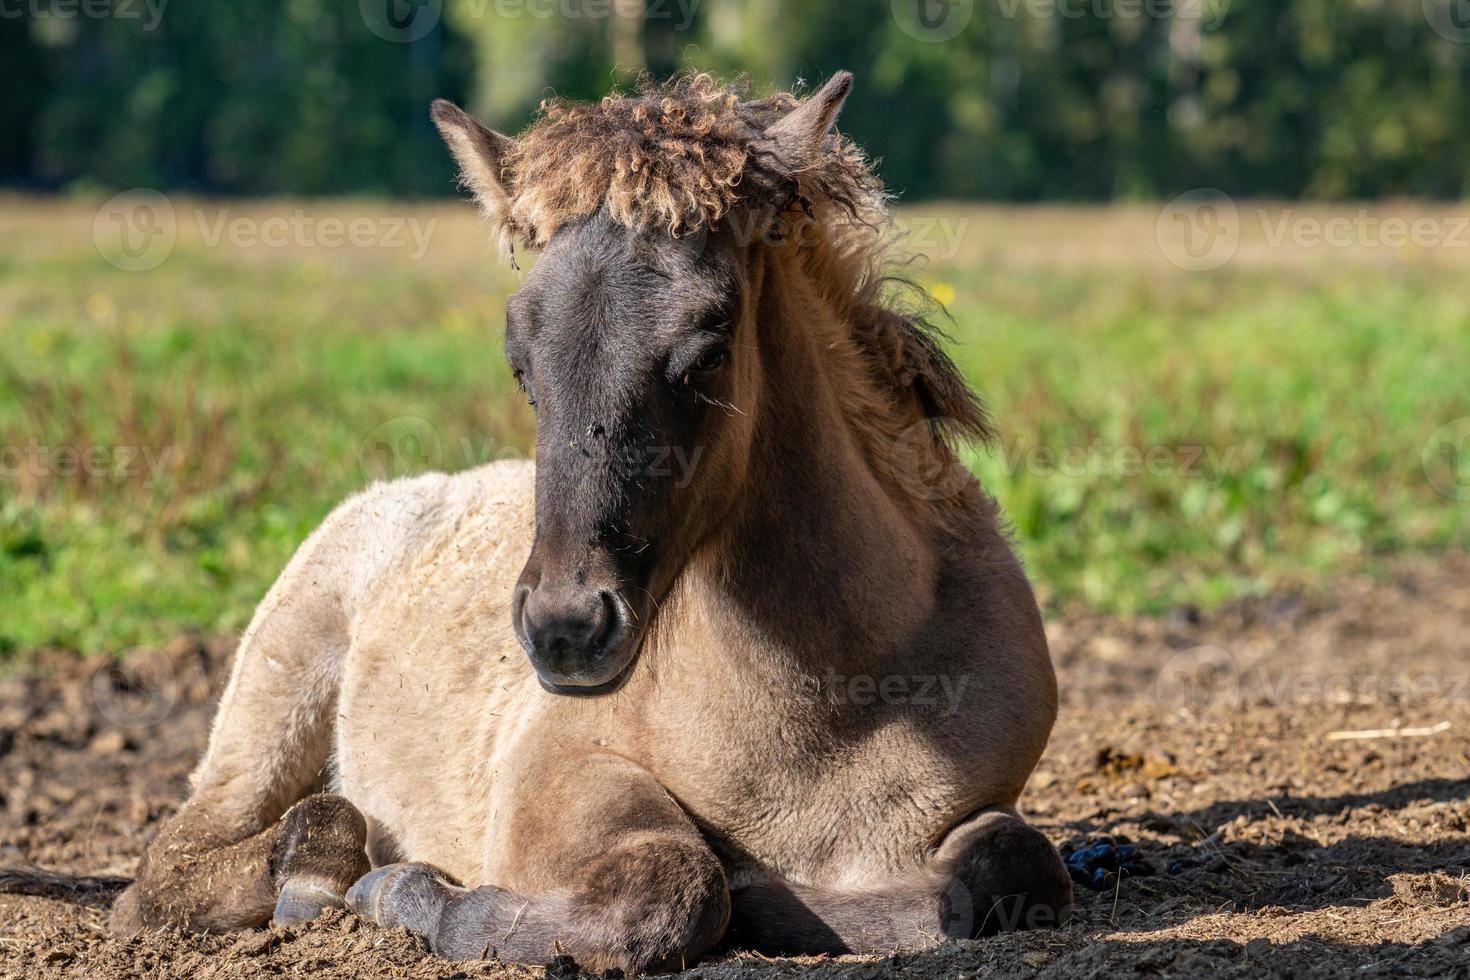 süßes isländisches Pferdefohlen, das im Herbstsonnenlicht liegt foto